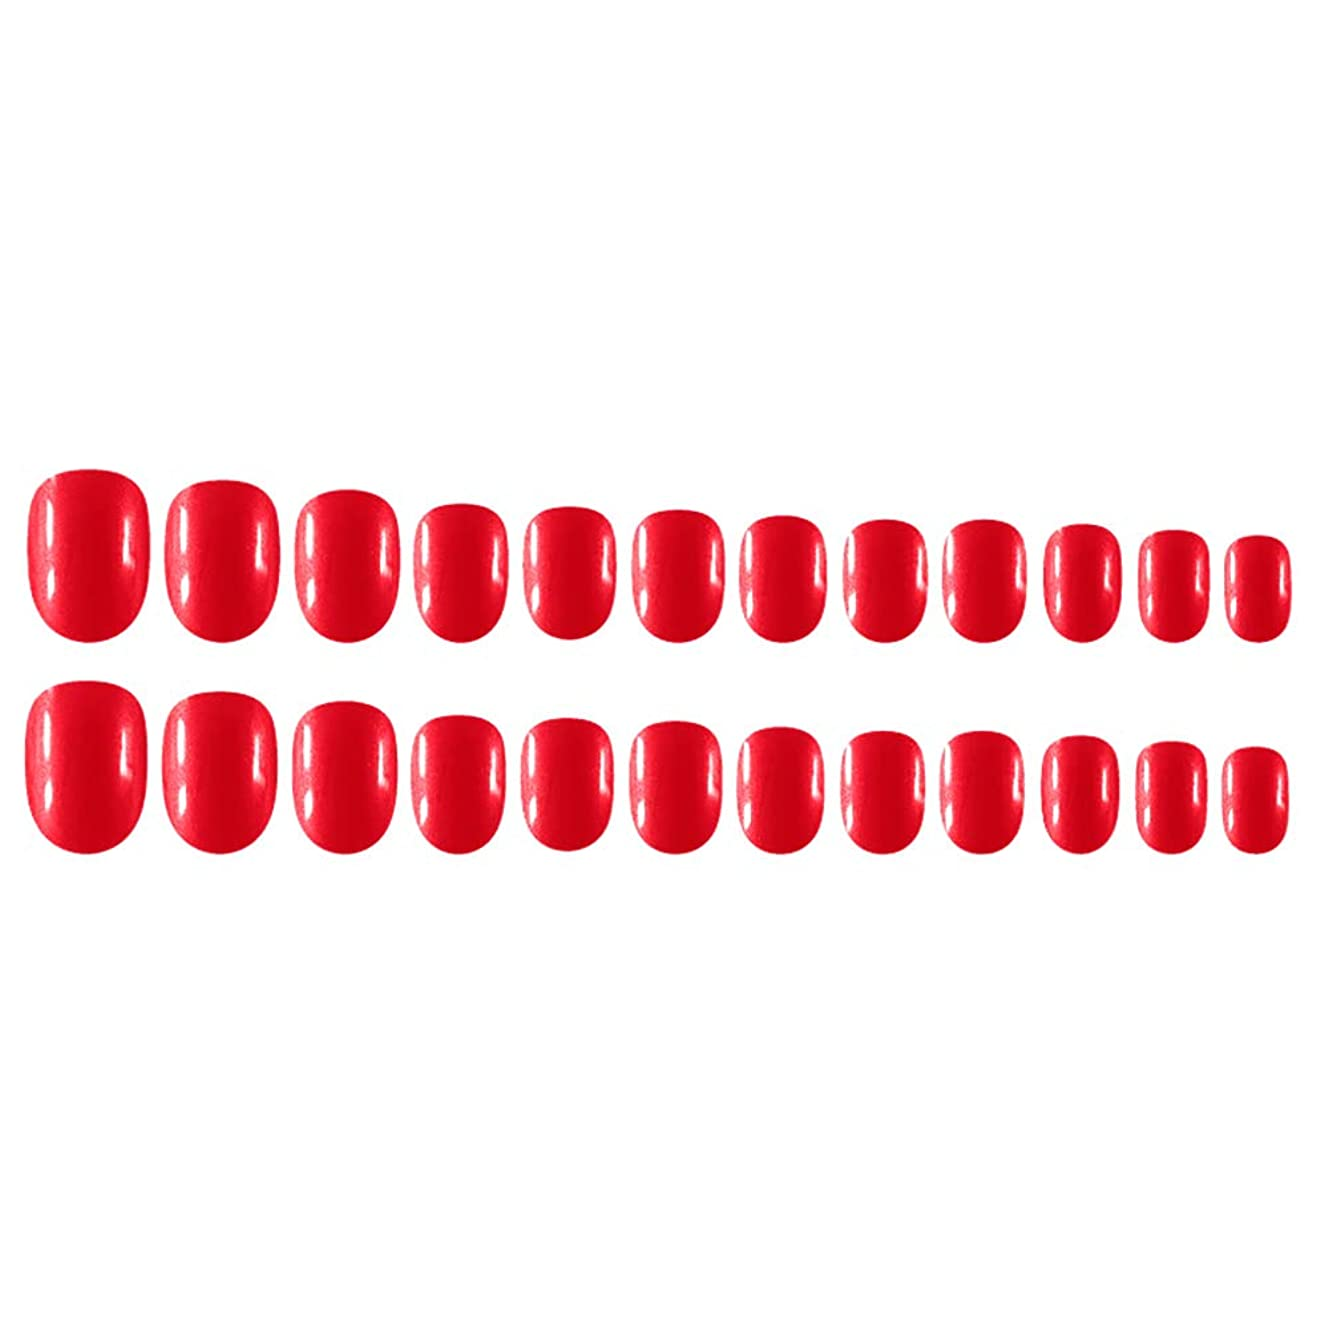 スズメバチピクニック可動Decdeal Decdeal ネイルチップ 24ピース 12異なるサイズ diy サロン ネイルアートツール 偽